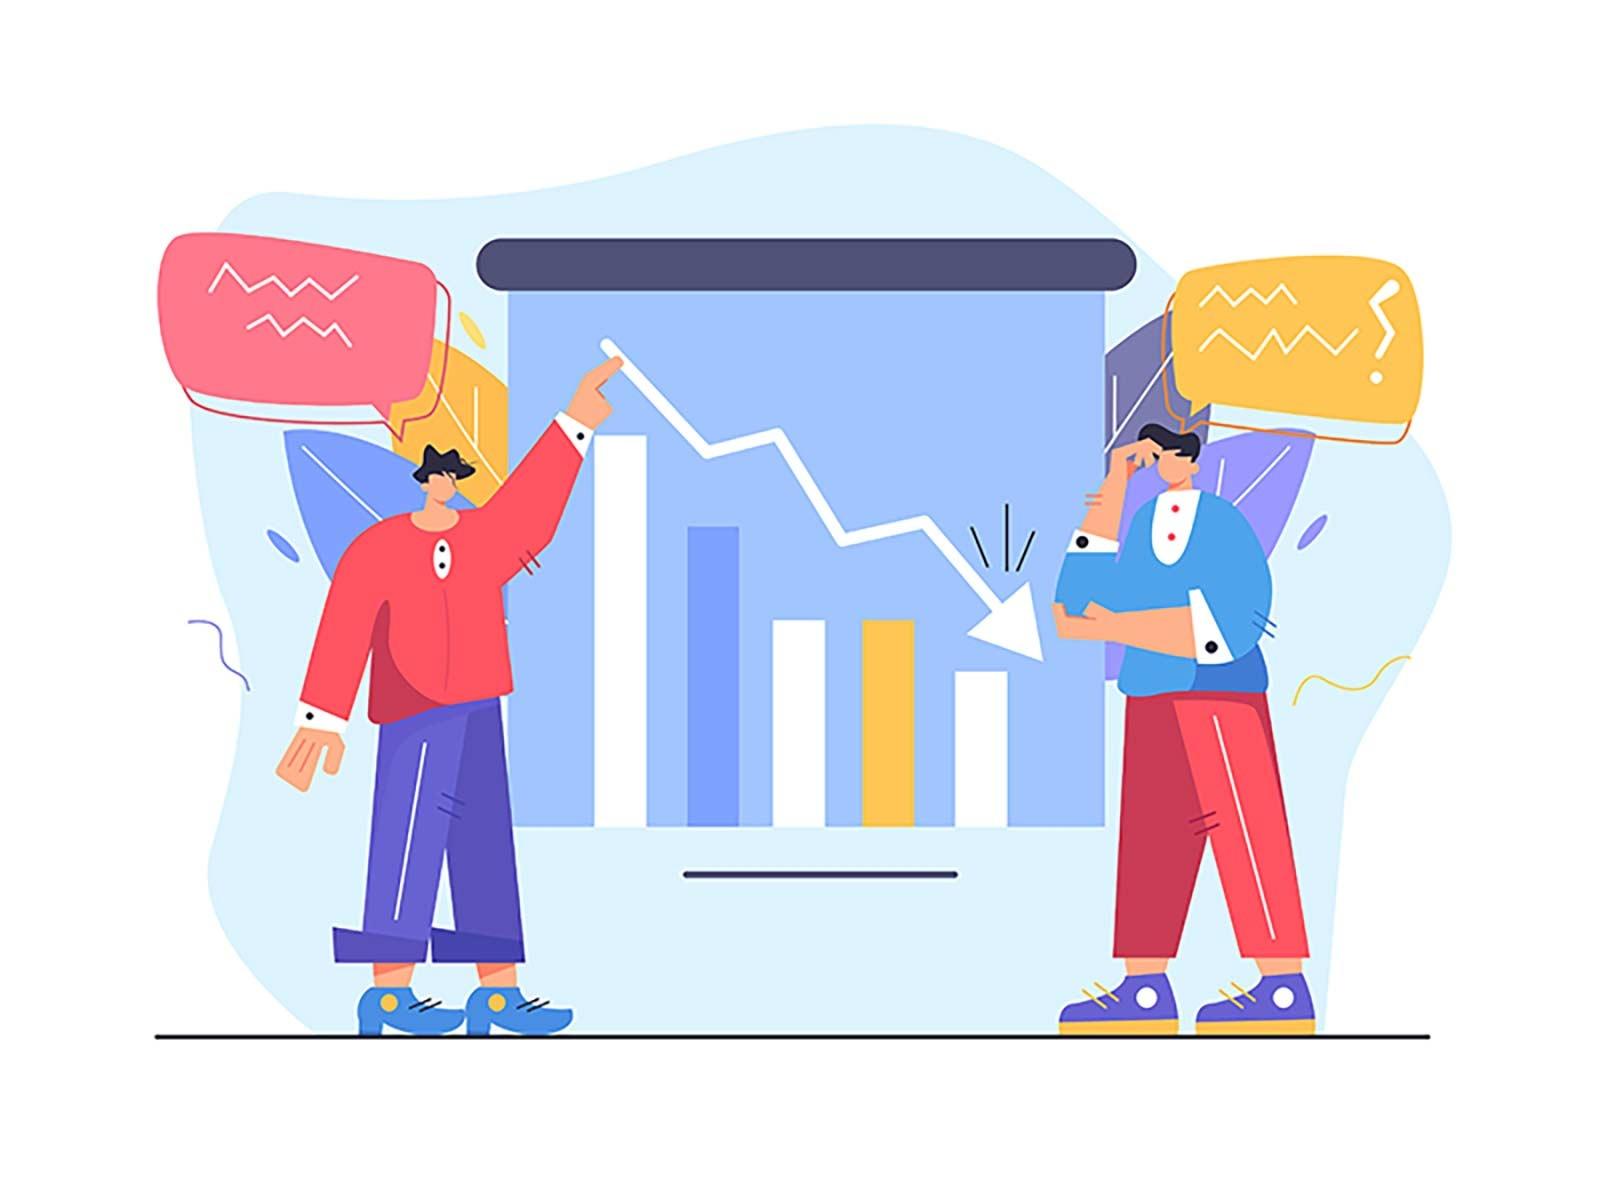 وب سایت بازار مالی